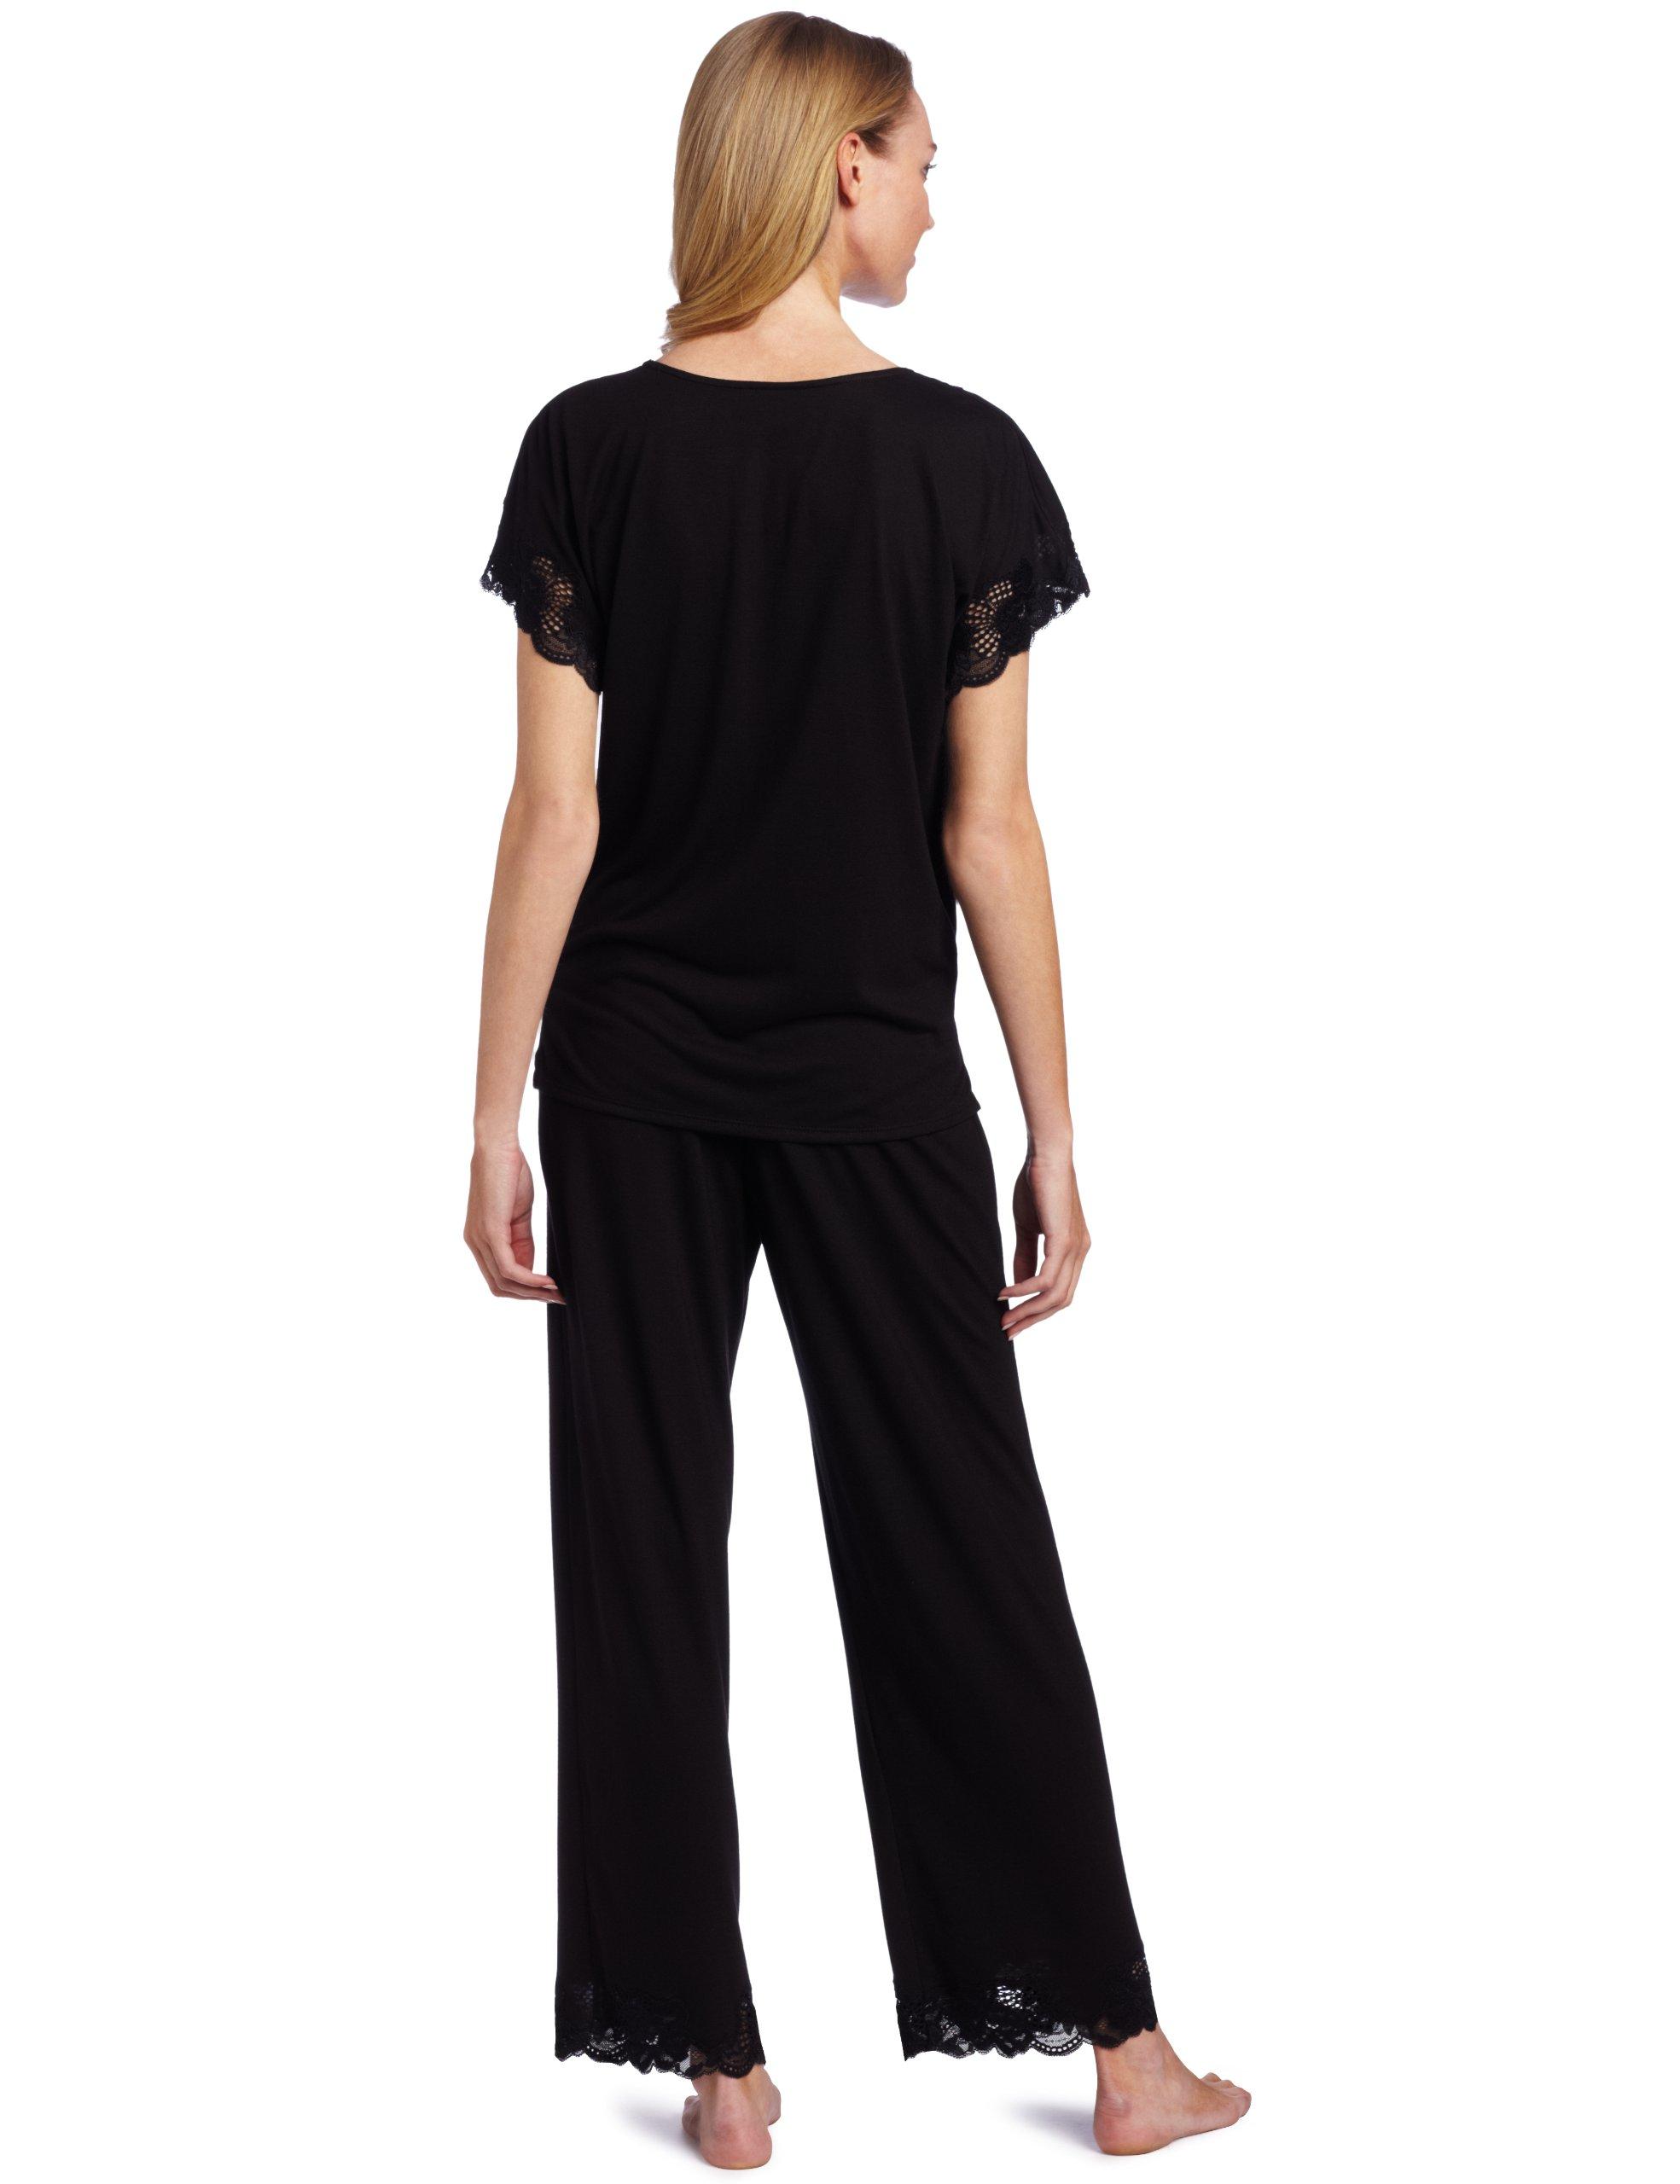 Natori Women's Plus-Size Zen Floral Pajama Set, Black, 2X by Natori (Image #2)